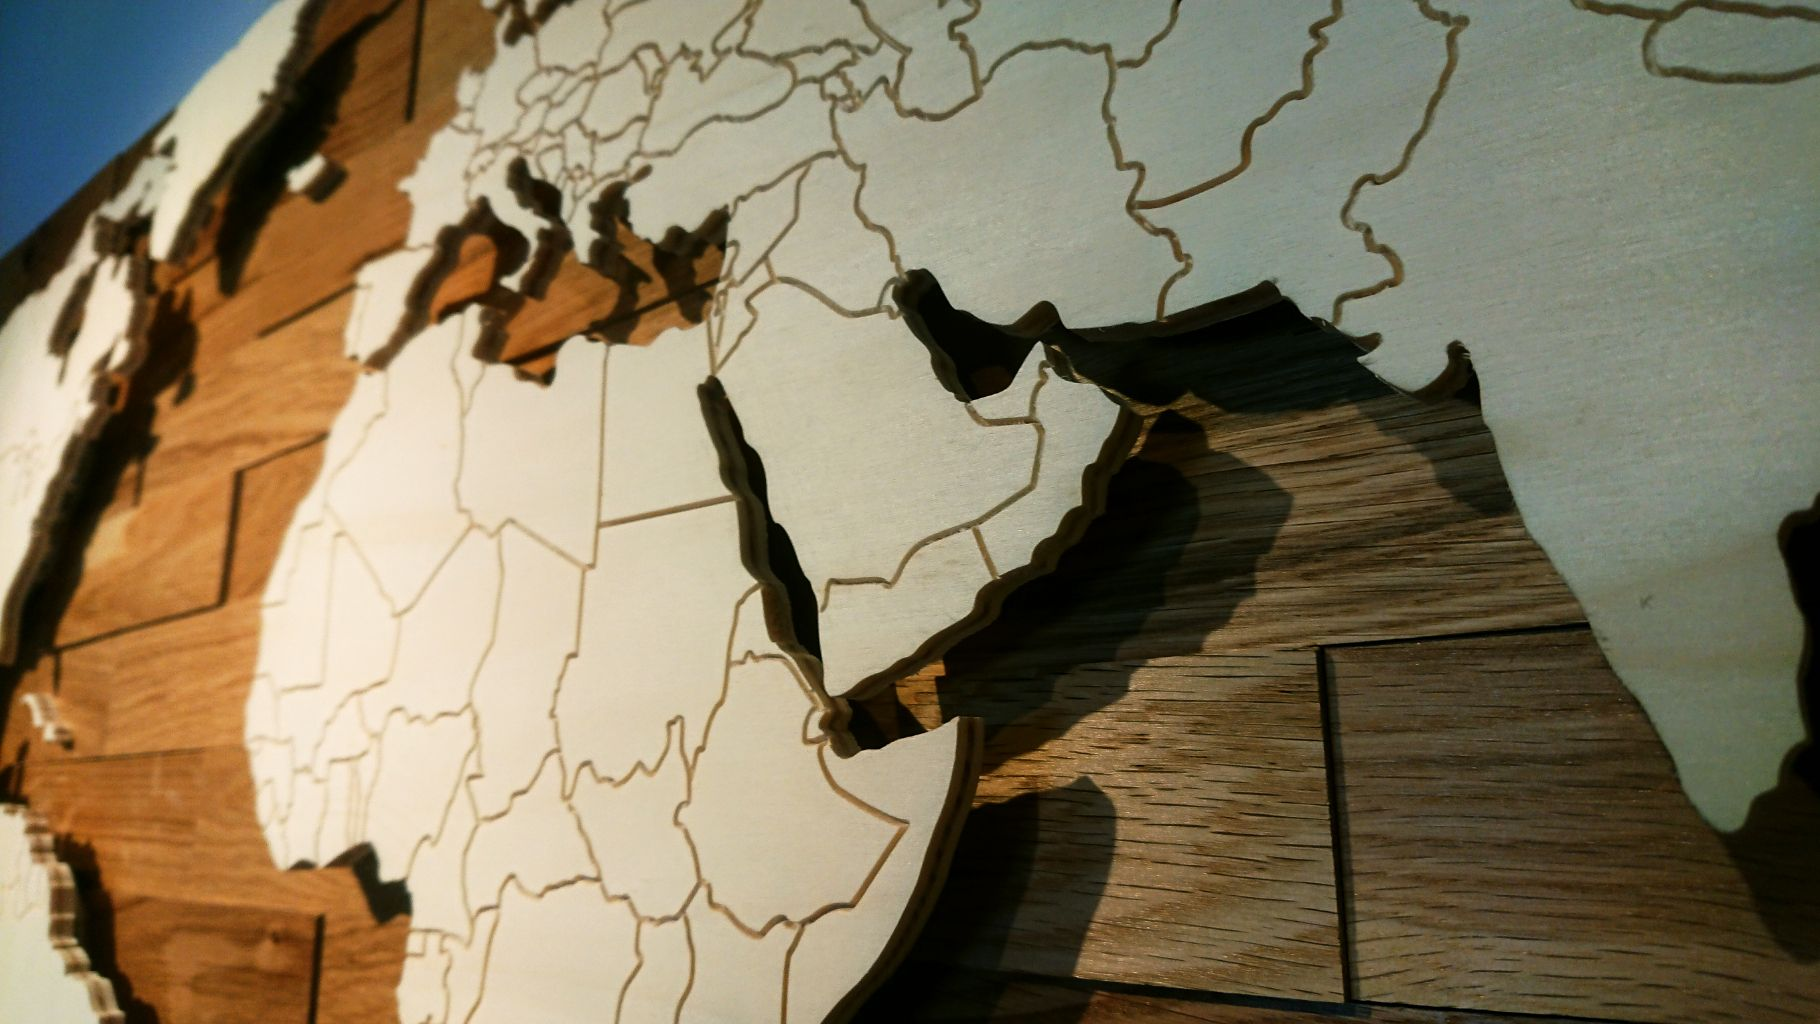 Weltkarte Aus Holz Mit Landergrenzen Led Beleuchtung Eiche Rustikal Weltkarte Aus Holz Weltkarte Led Beleuchtung